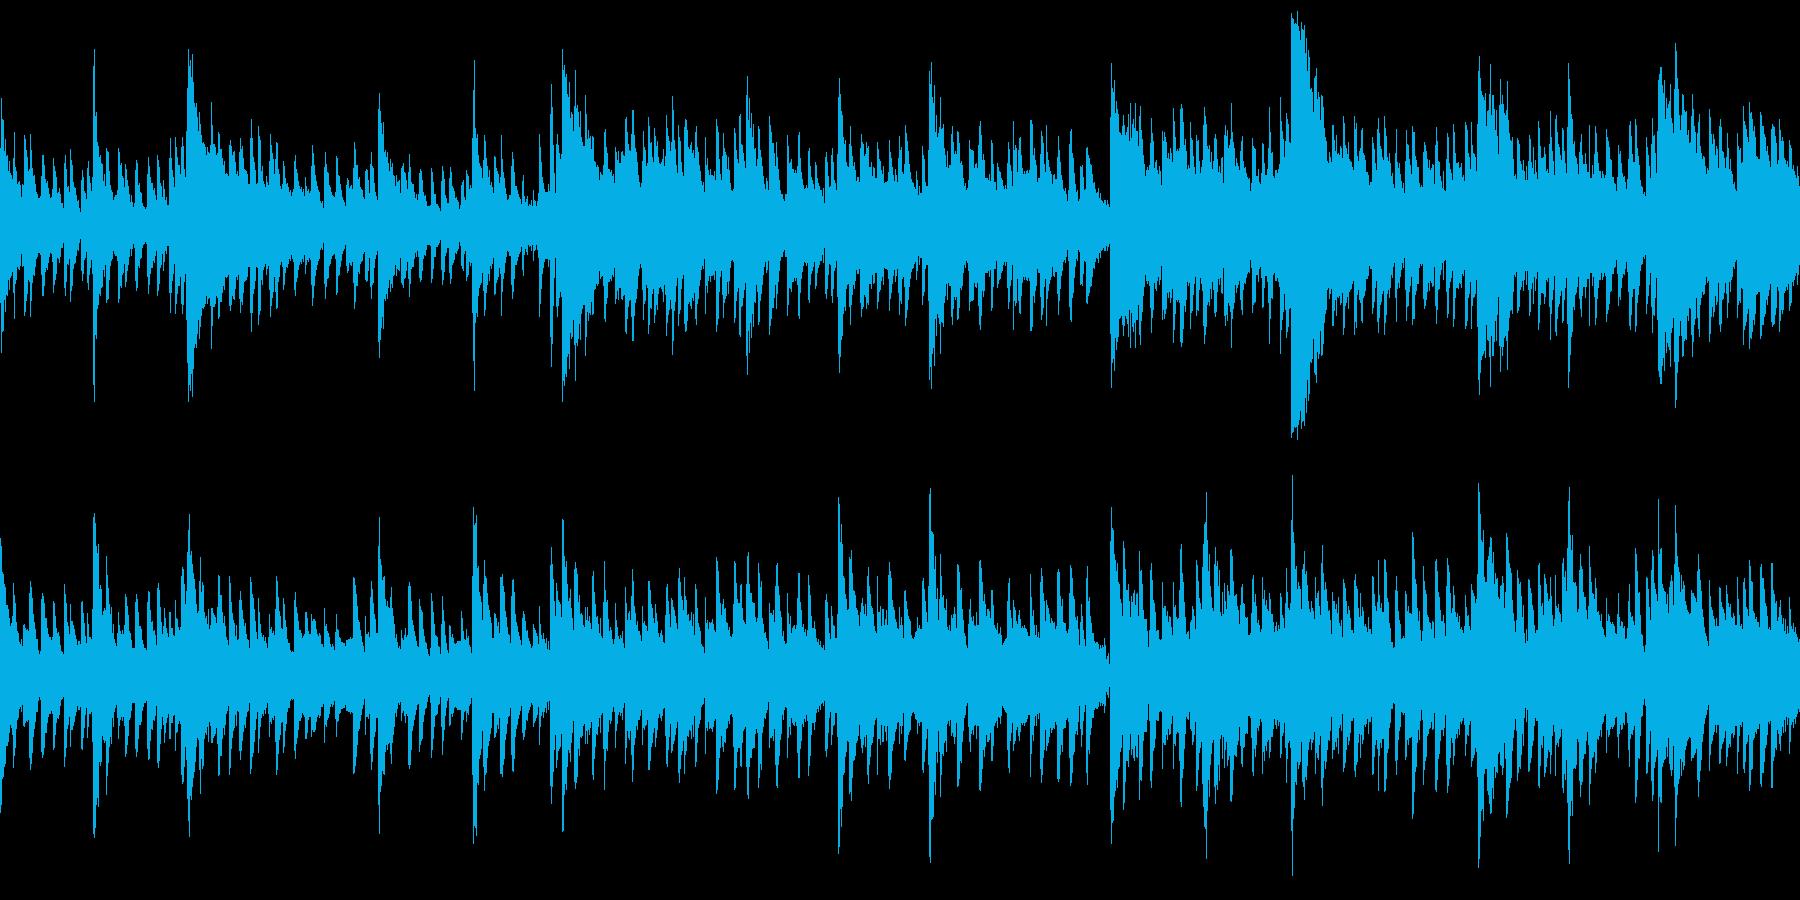 ゆったりとした切ない雰囲気のピアノ曲の再生済みの波形